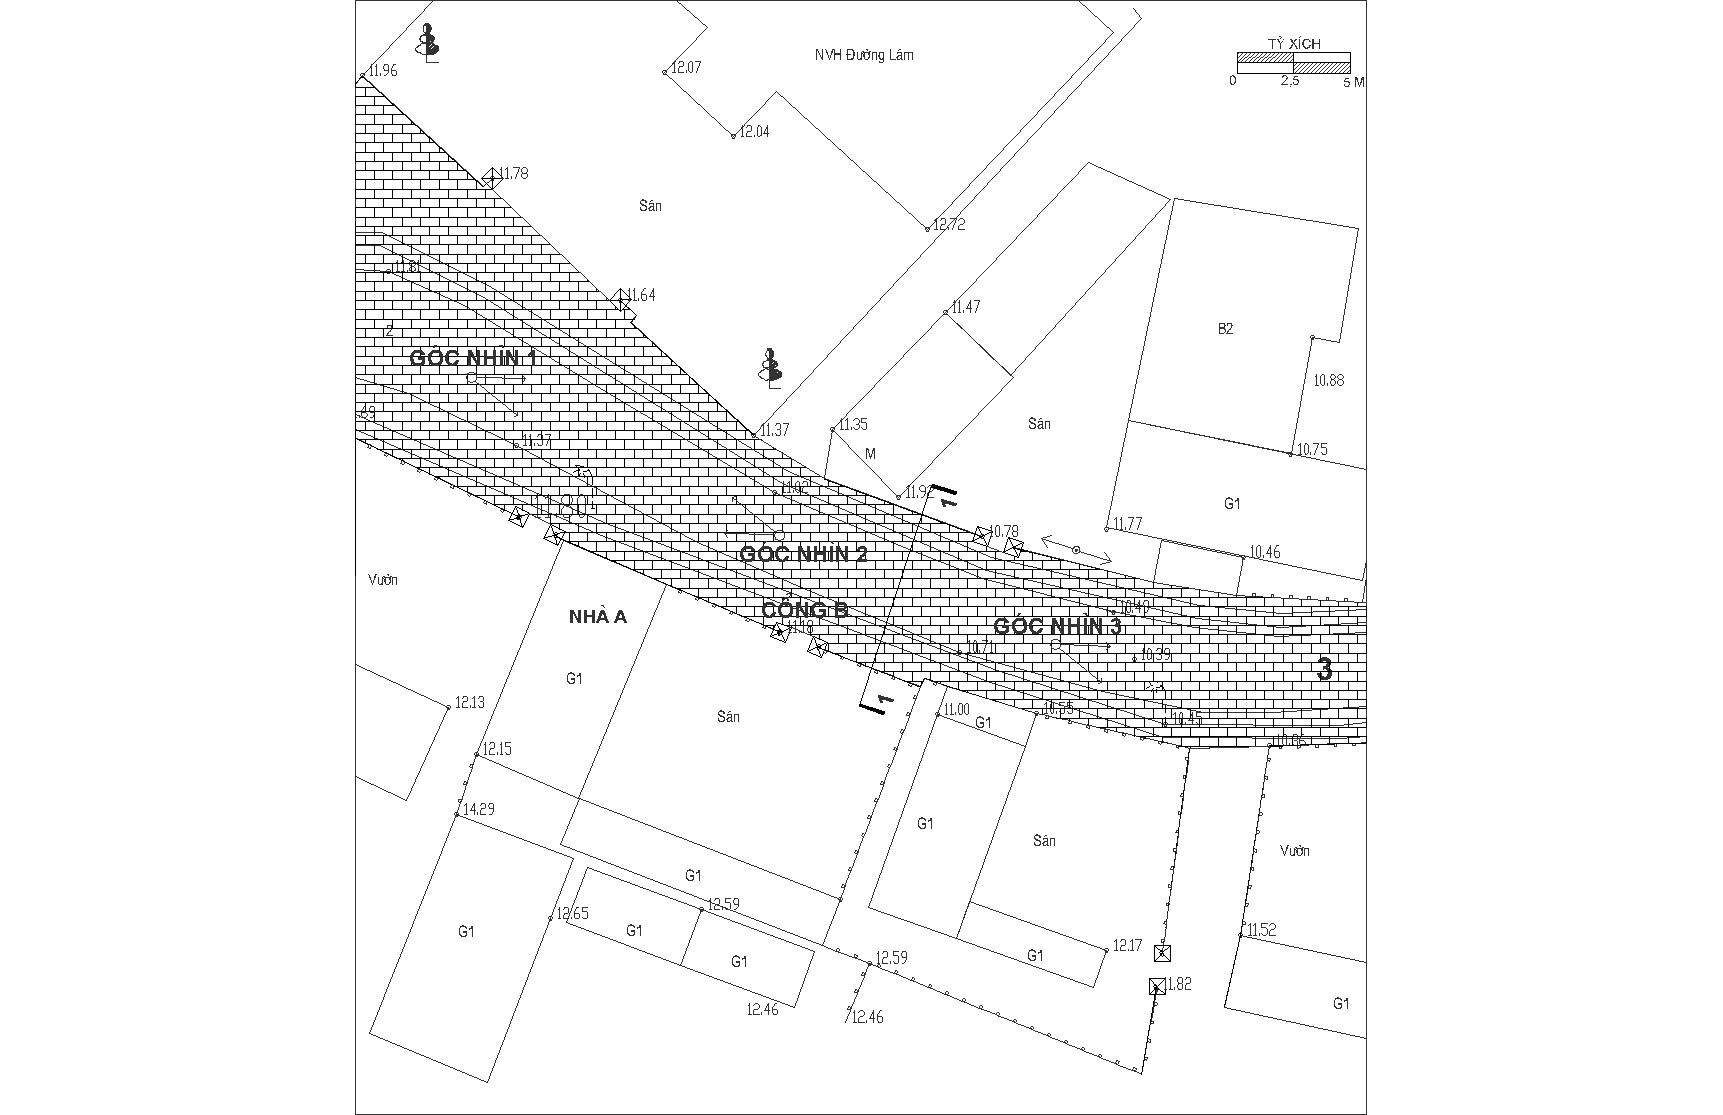 Ví dụ về cách tổ hợp kế thừa đặc trưng hình thái không gian đường làng, ngõ xóm